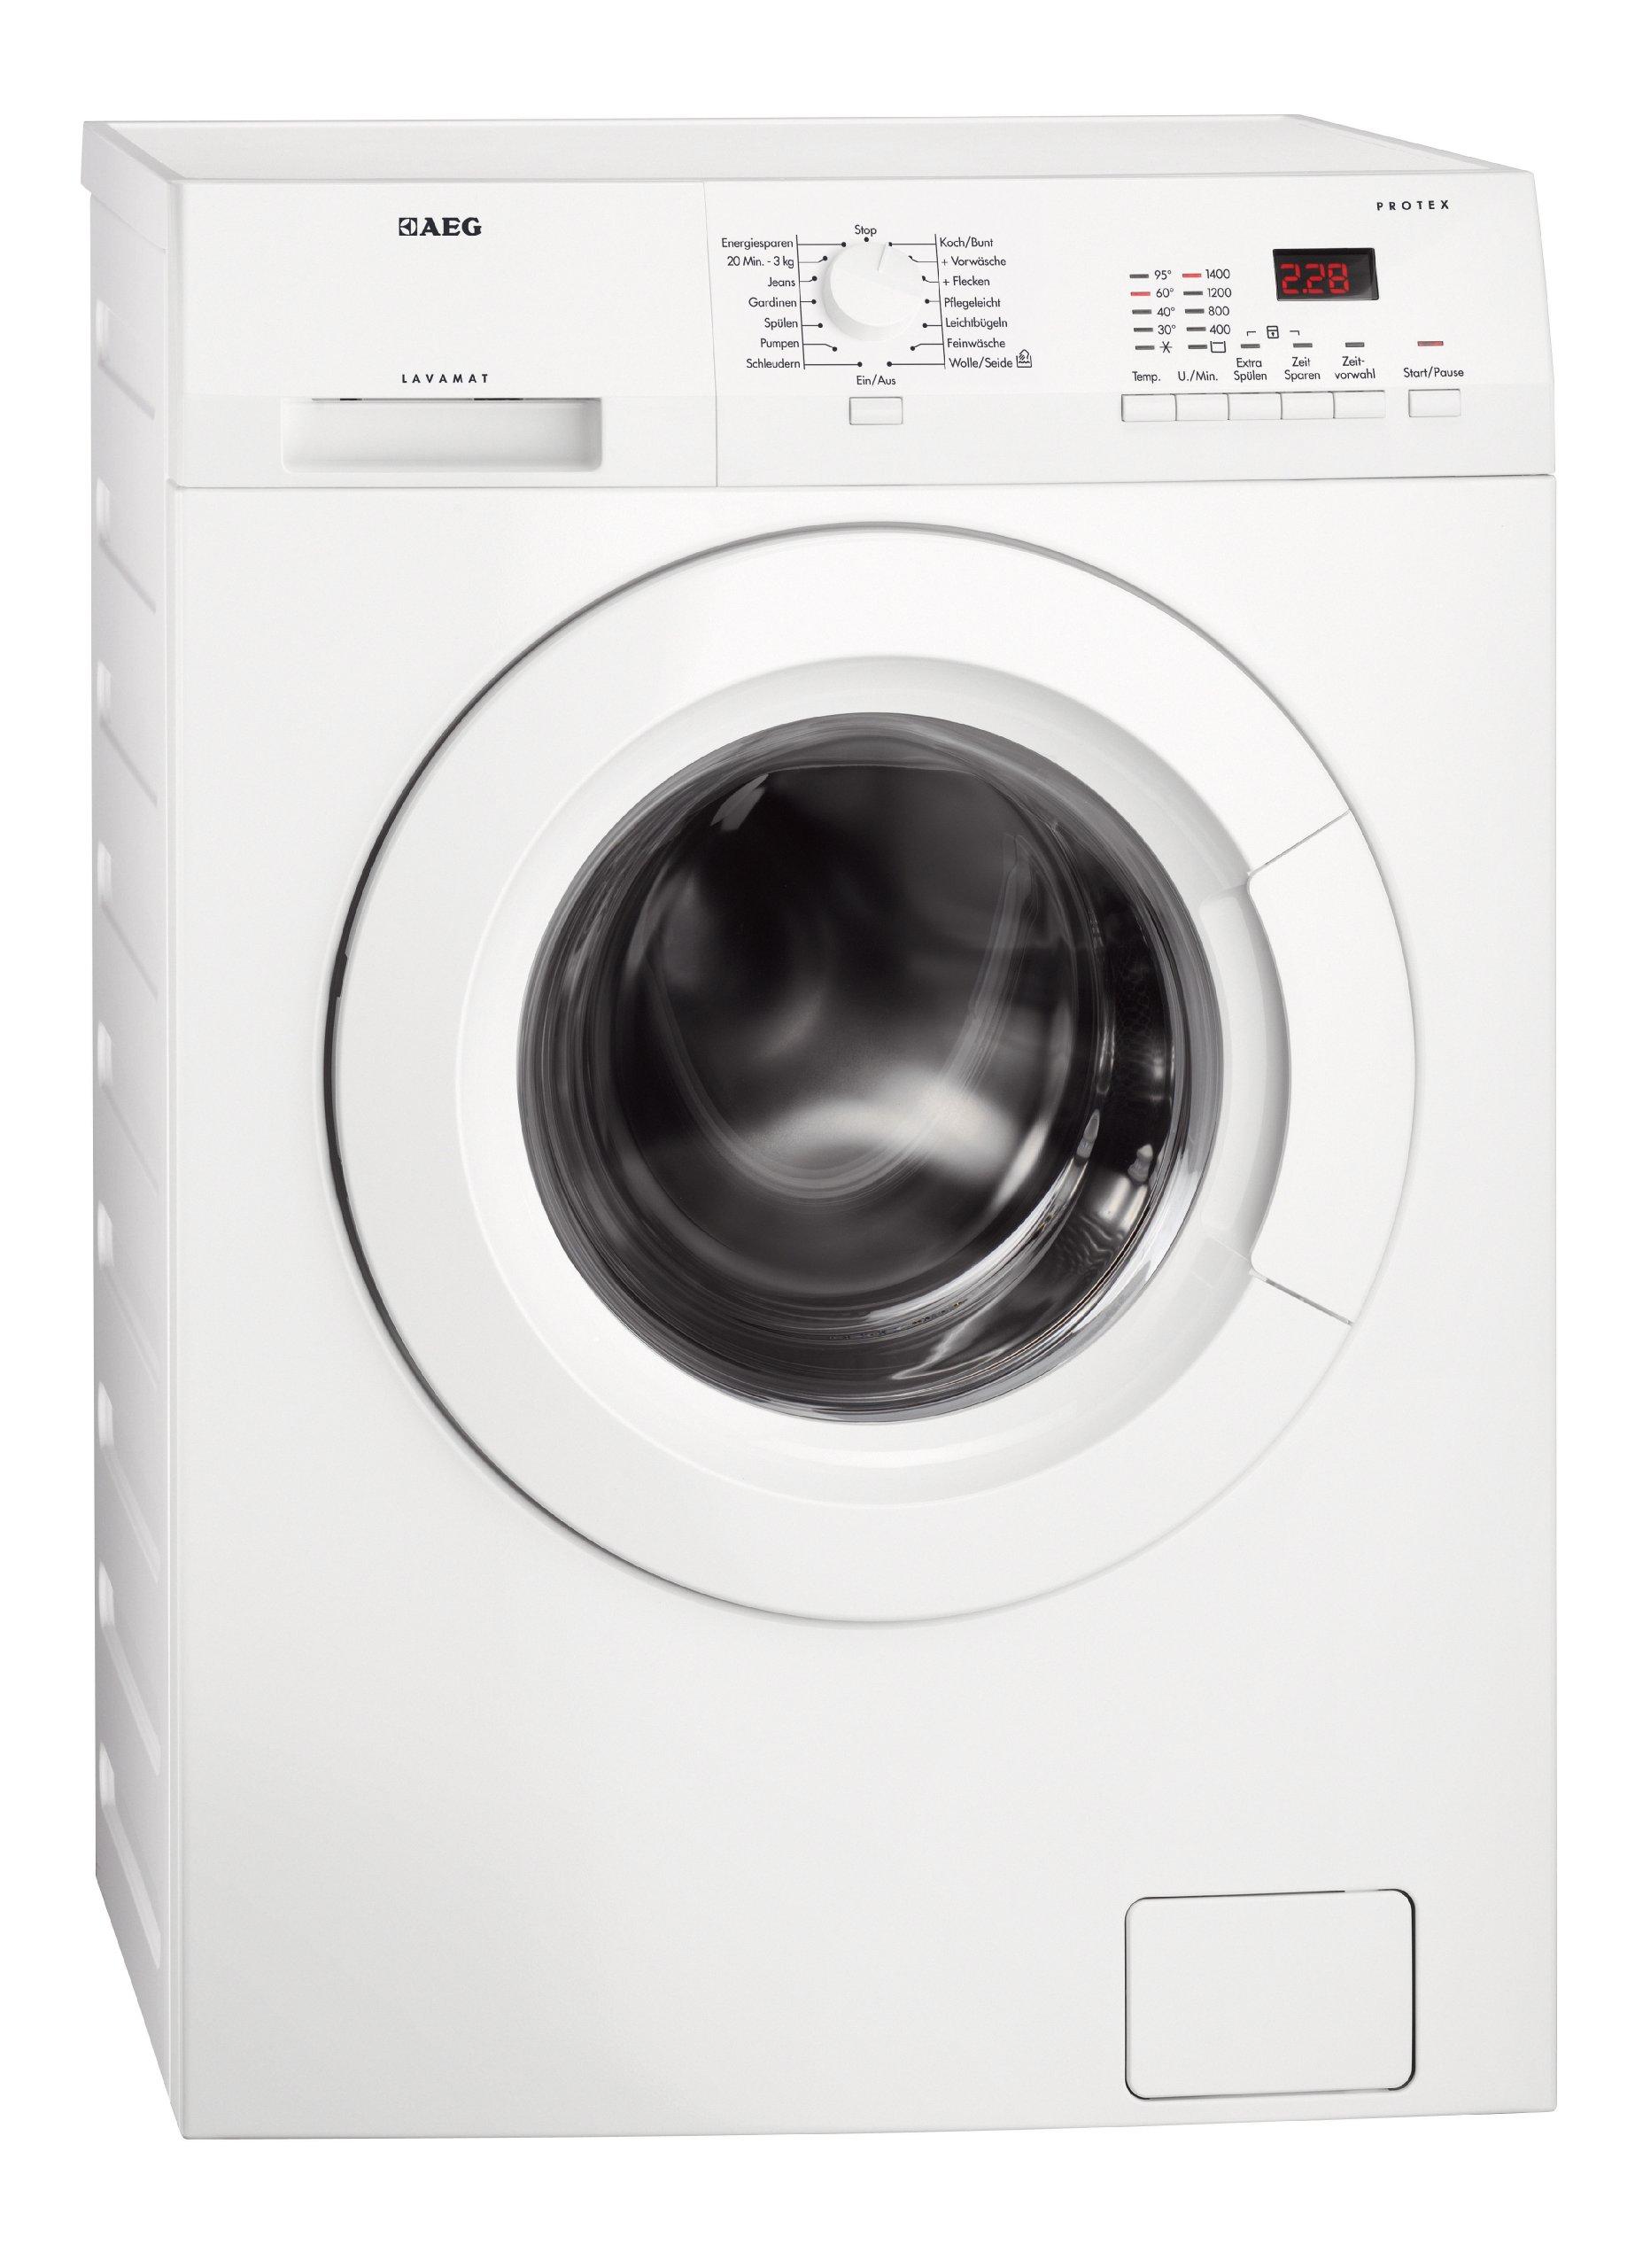 AEG-L670VFL-Waschmaschine-Frontlader-Energieklasse-A-1710-kWhJahr-freistehende-Waschmaschine-mit-7-kg-ProTex-Schontrommel-sparsamer-Waschautomat-mit-Mengenautomatik-wei